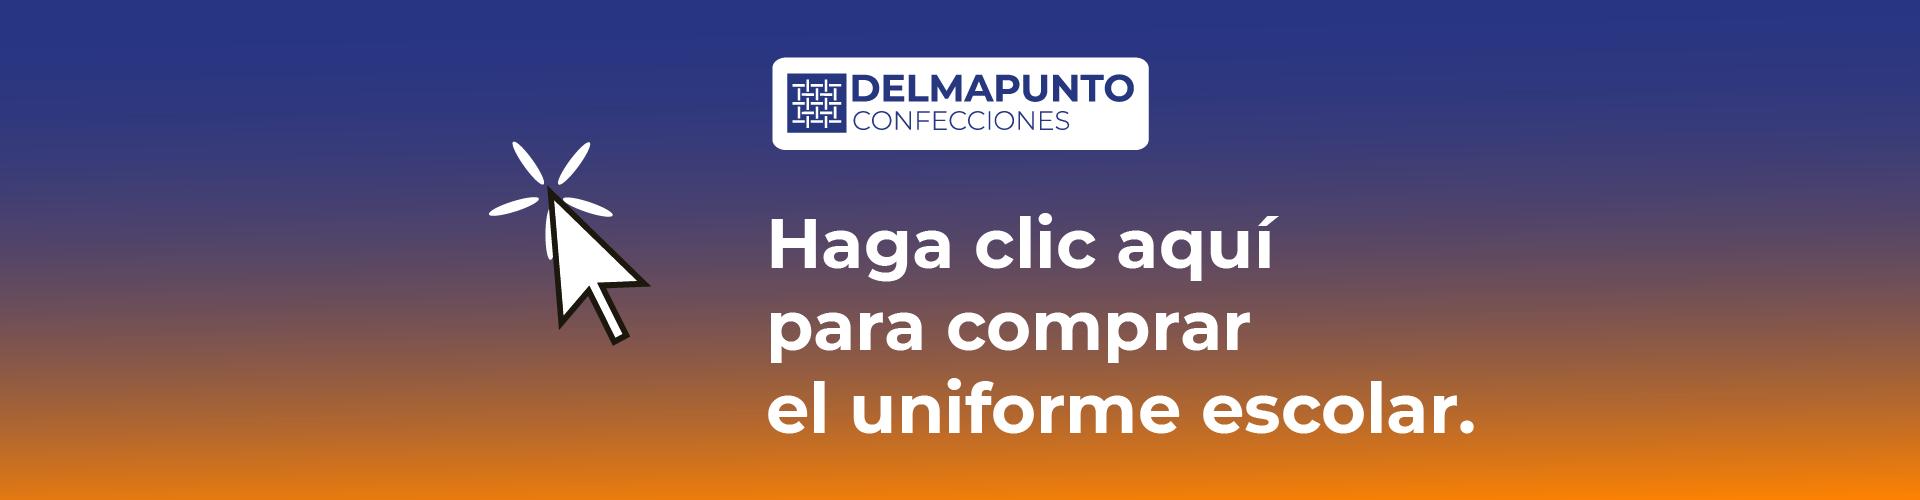 Haga clic aquí para comprar el uniforme escolar